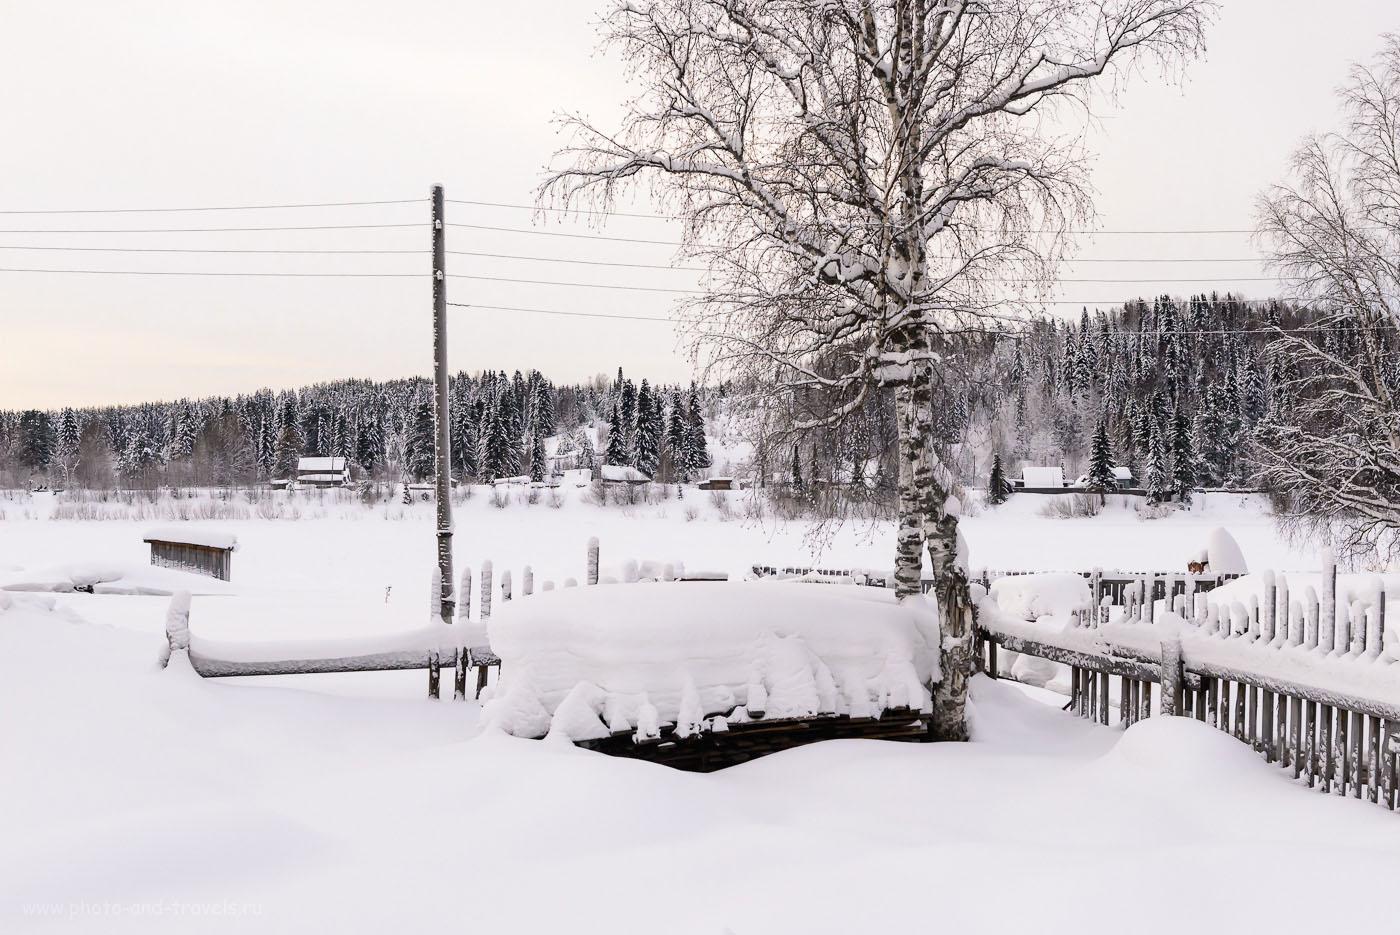 21. Вид на деревню Бахари зимой. Сюда нужно добраться, чтобы попасть на Полюд. Дорога на Ветлан проходит тоже через это поселение. 1/640, 8.0, 1000, 48.